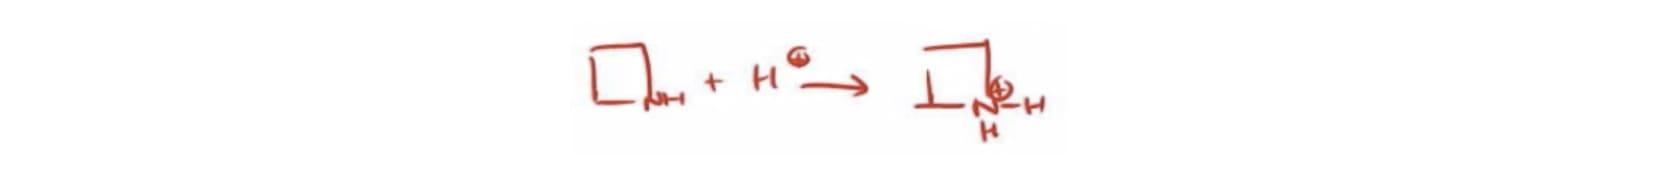 Protonated Amine